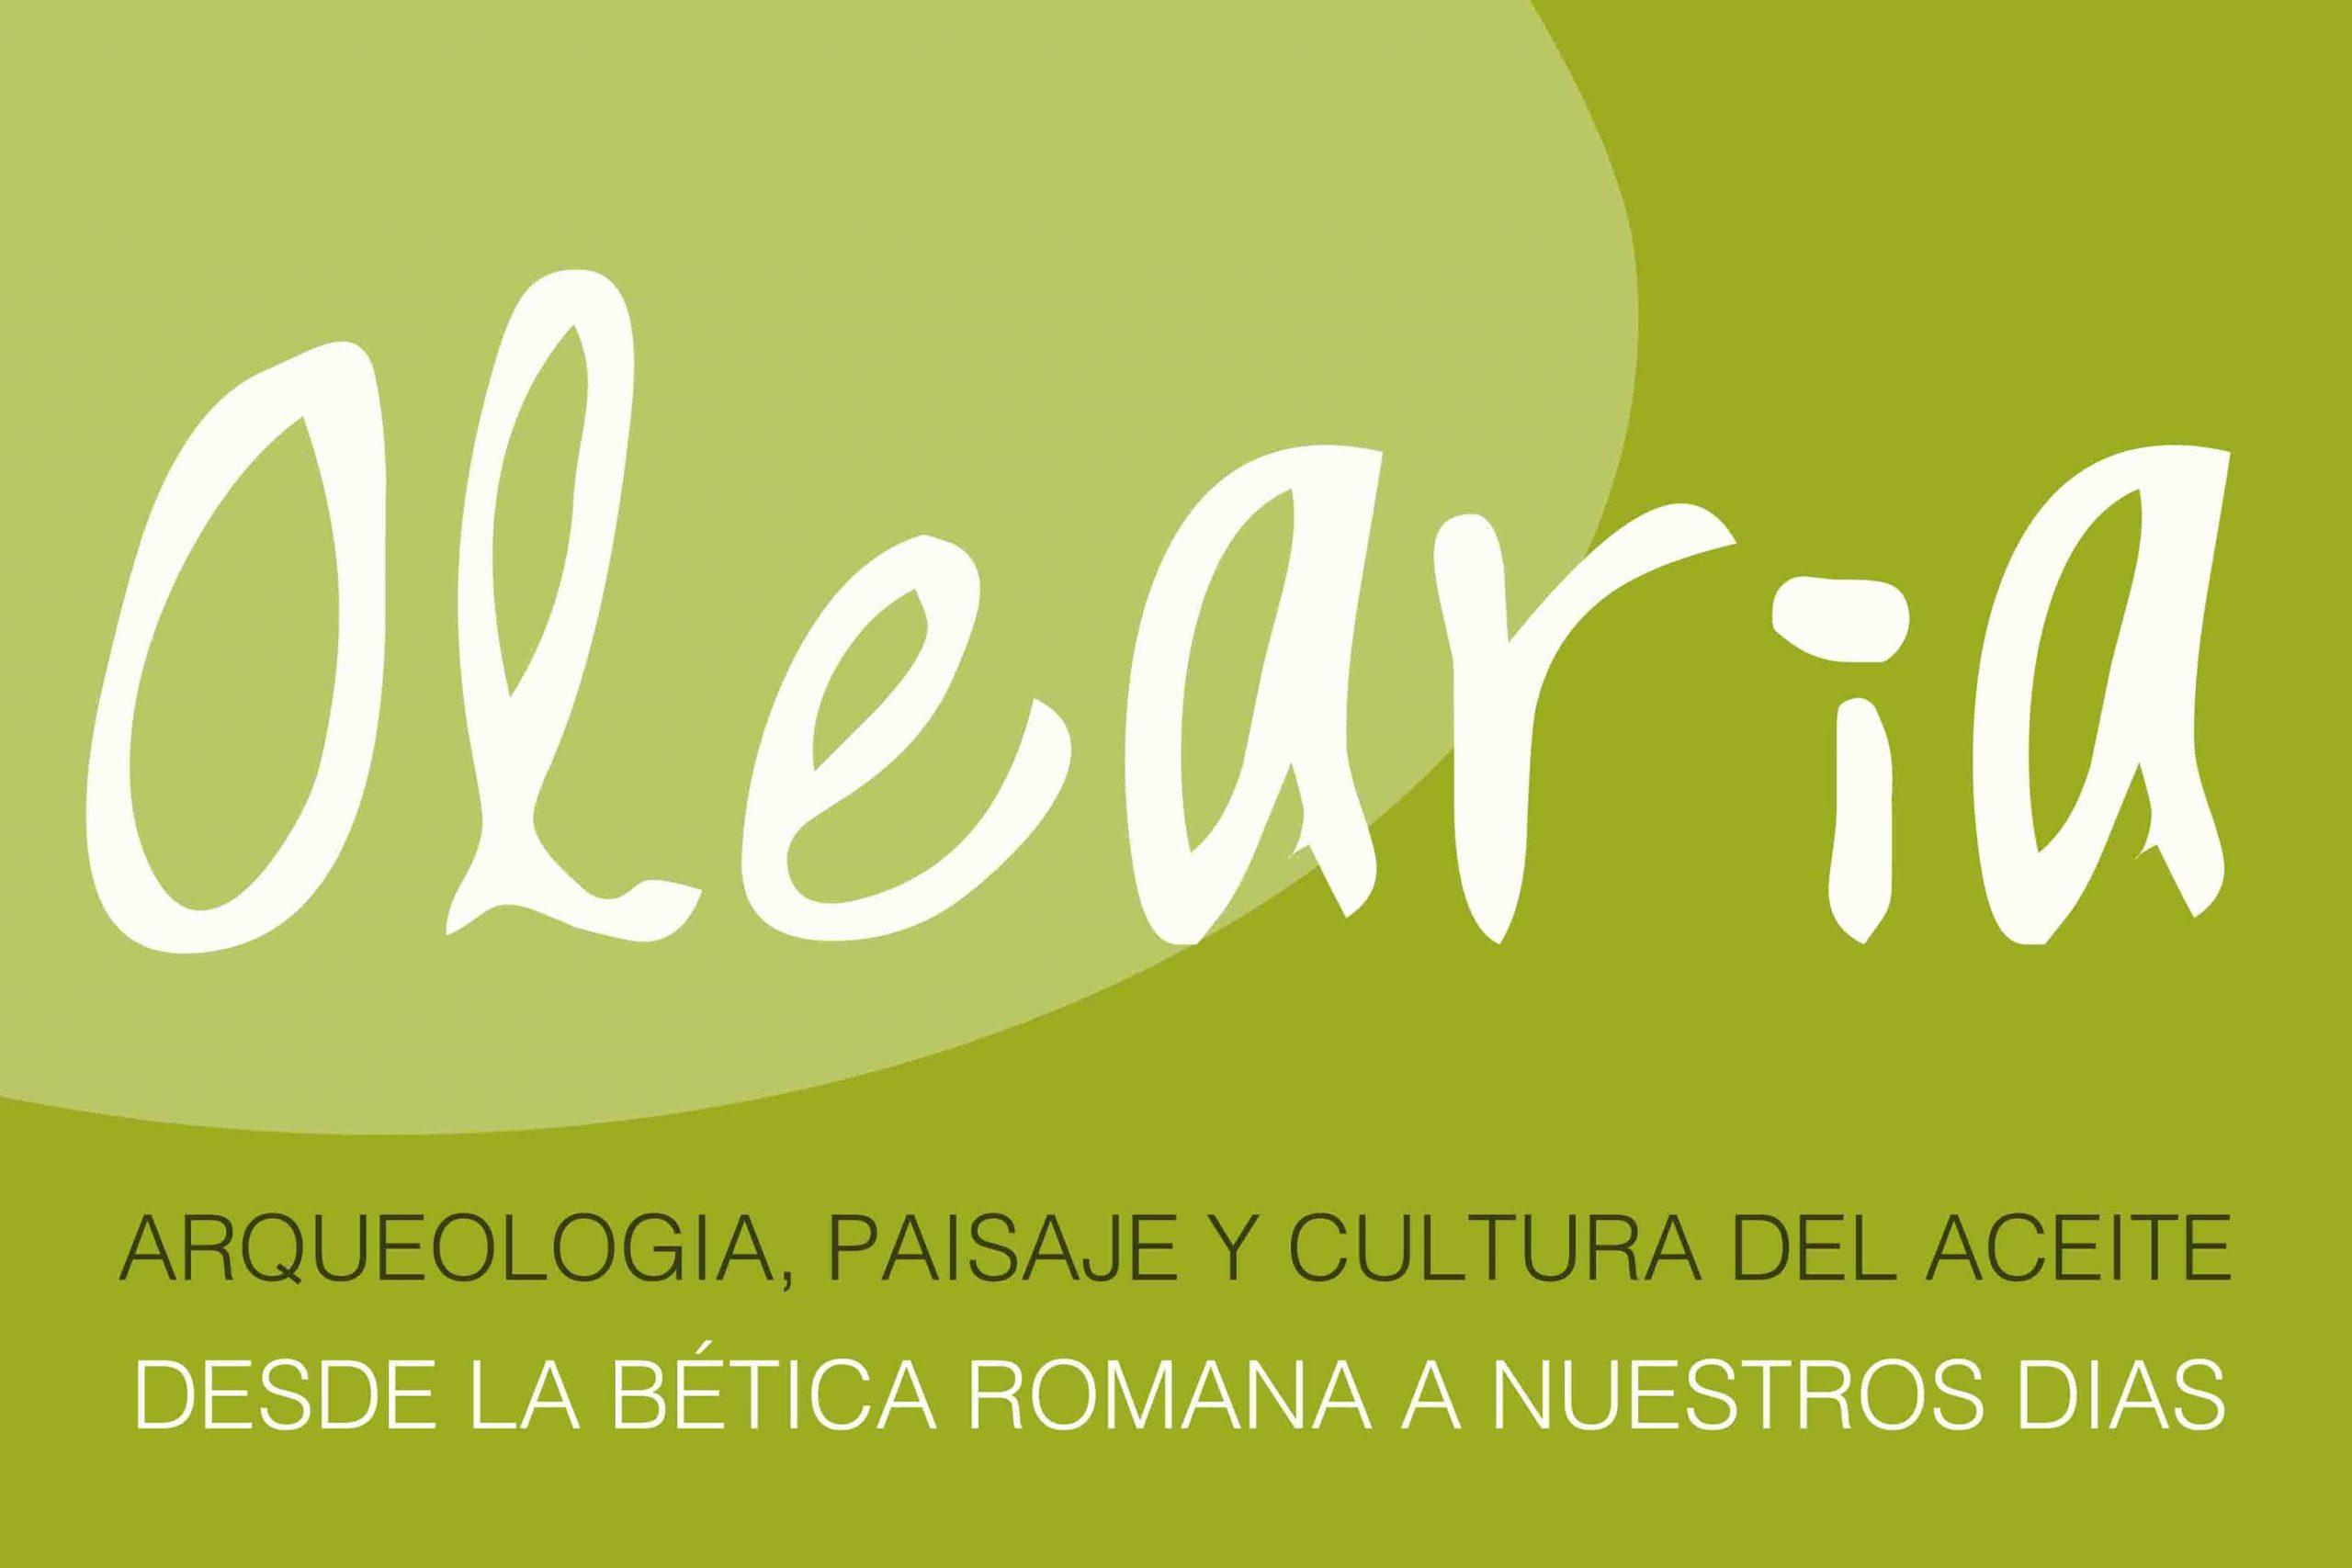 Arqueología, Paisaje y Cultura de aceite en Almedinilla